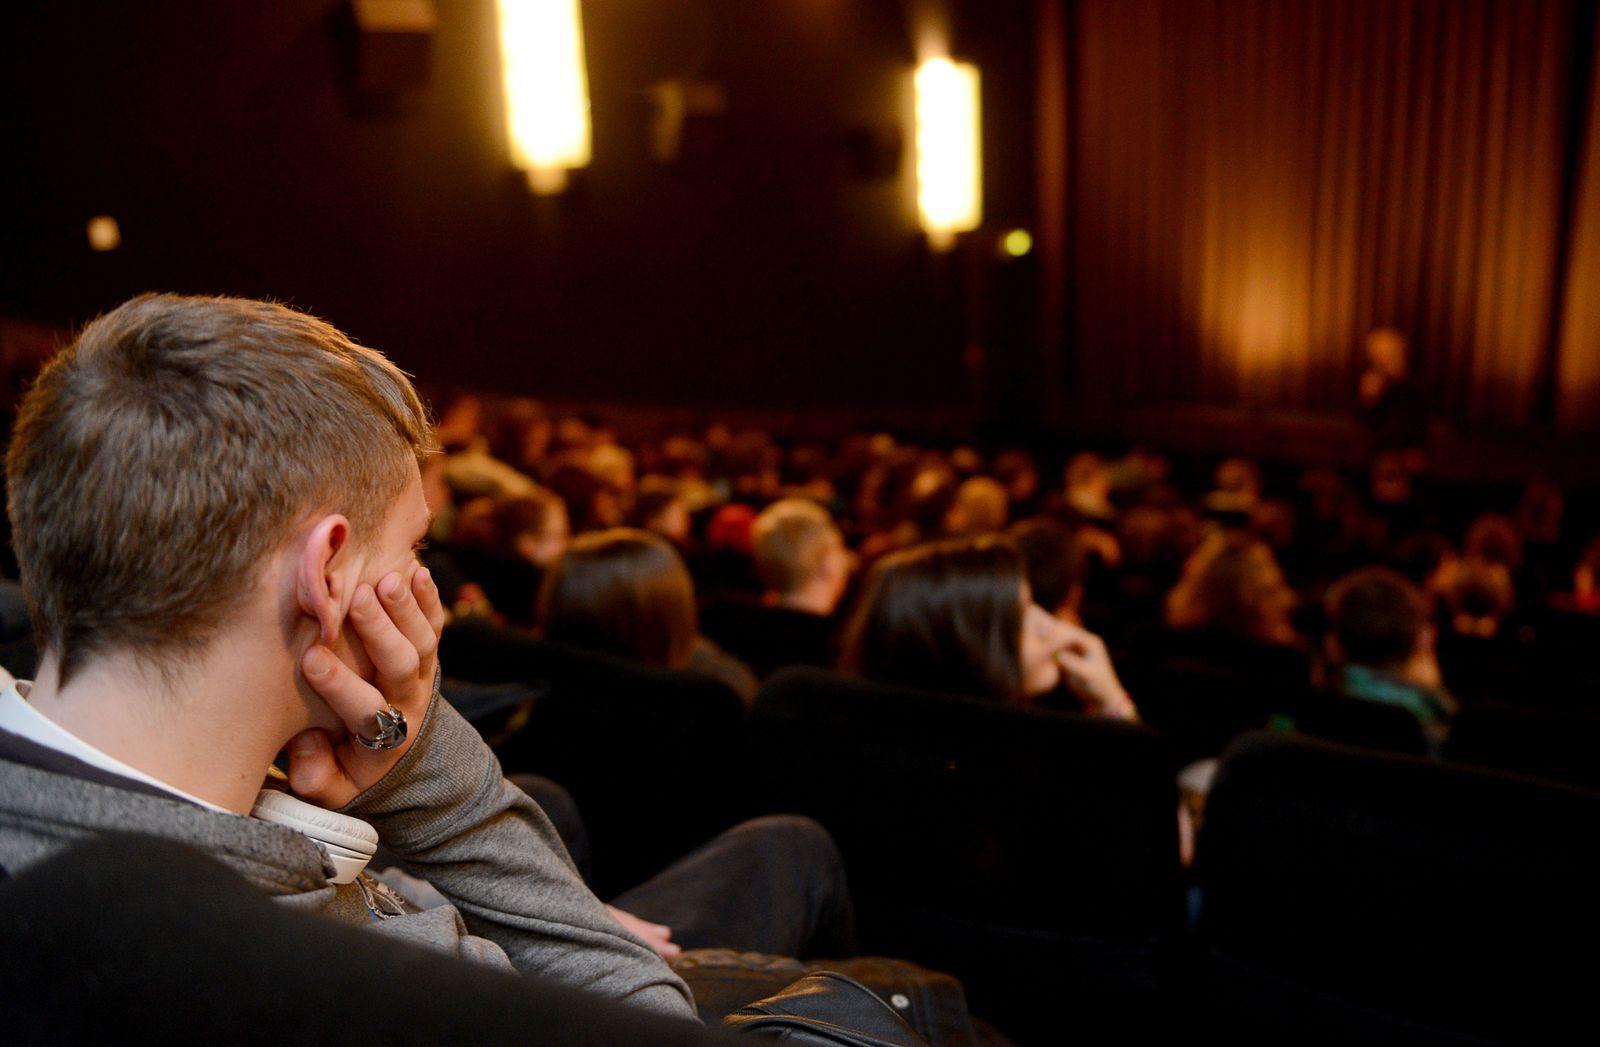 Schüler im Kino